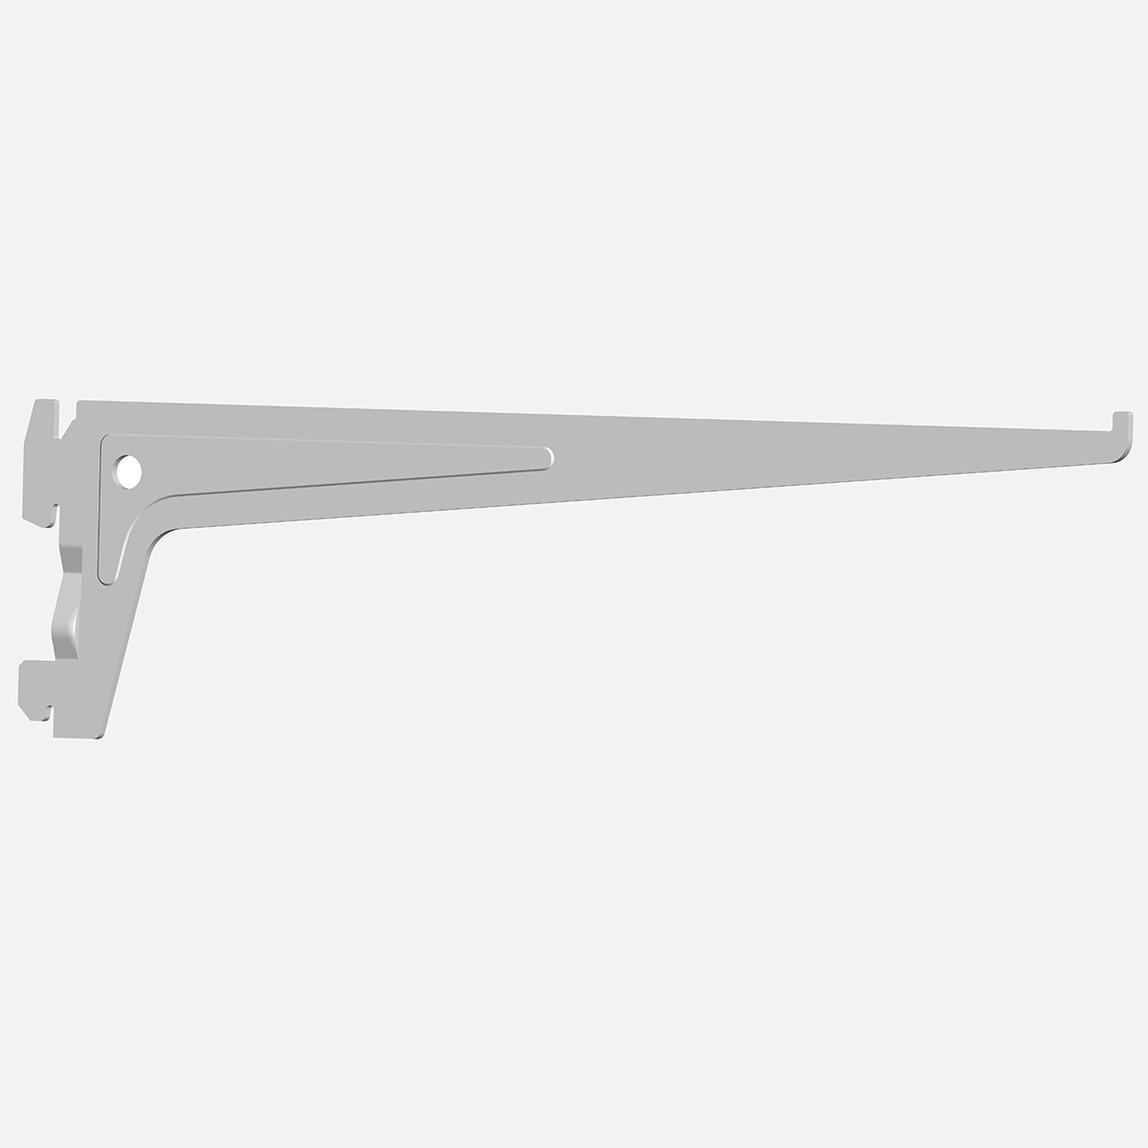 Raf Taşıyıcı Kol, EL50, 300mm, beyaz